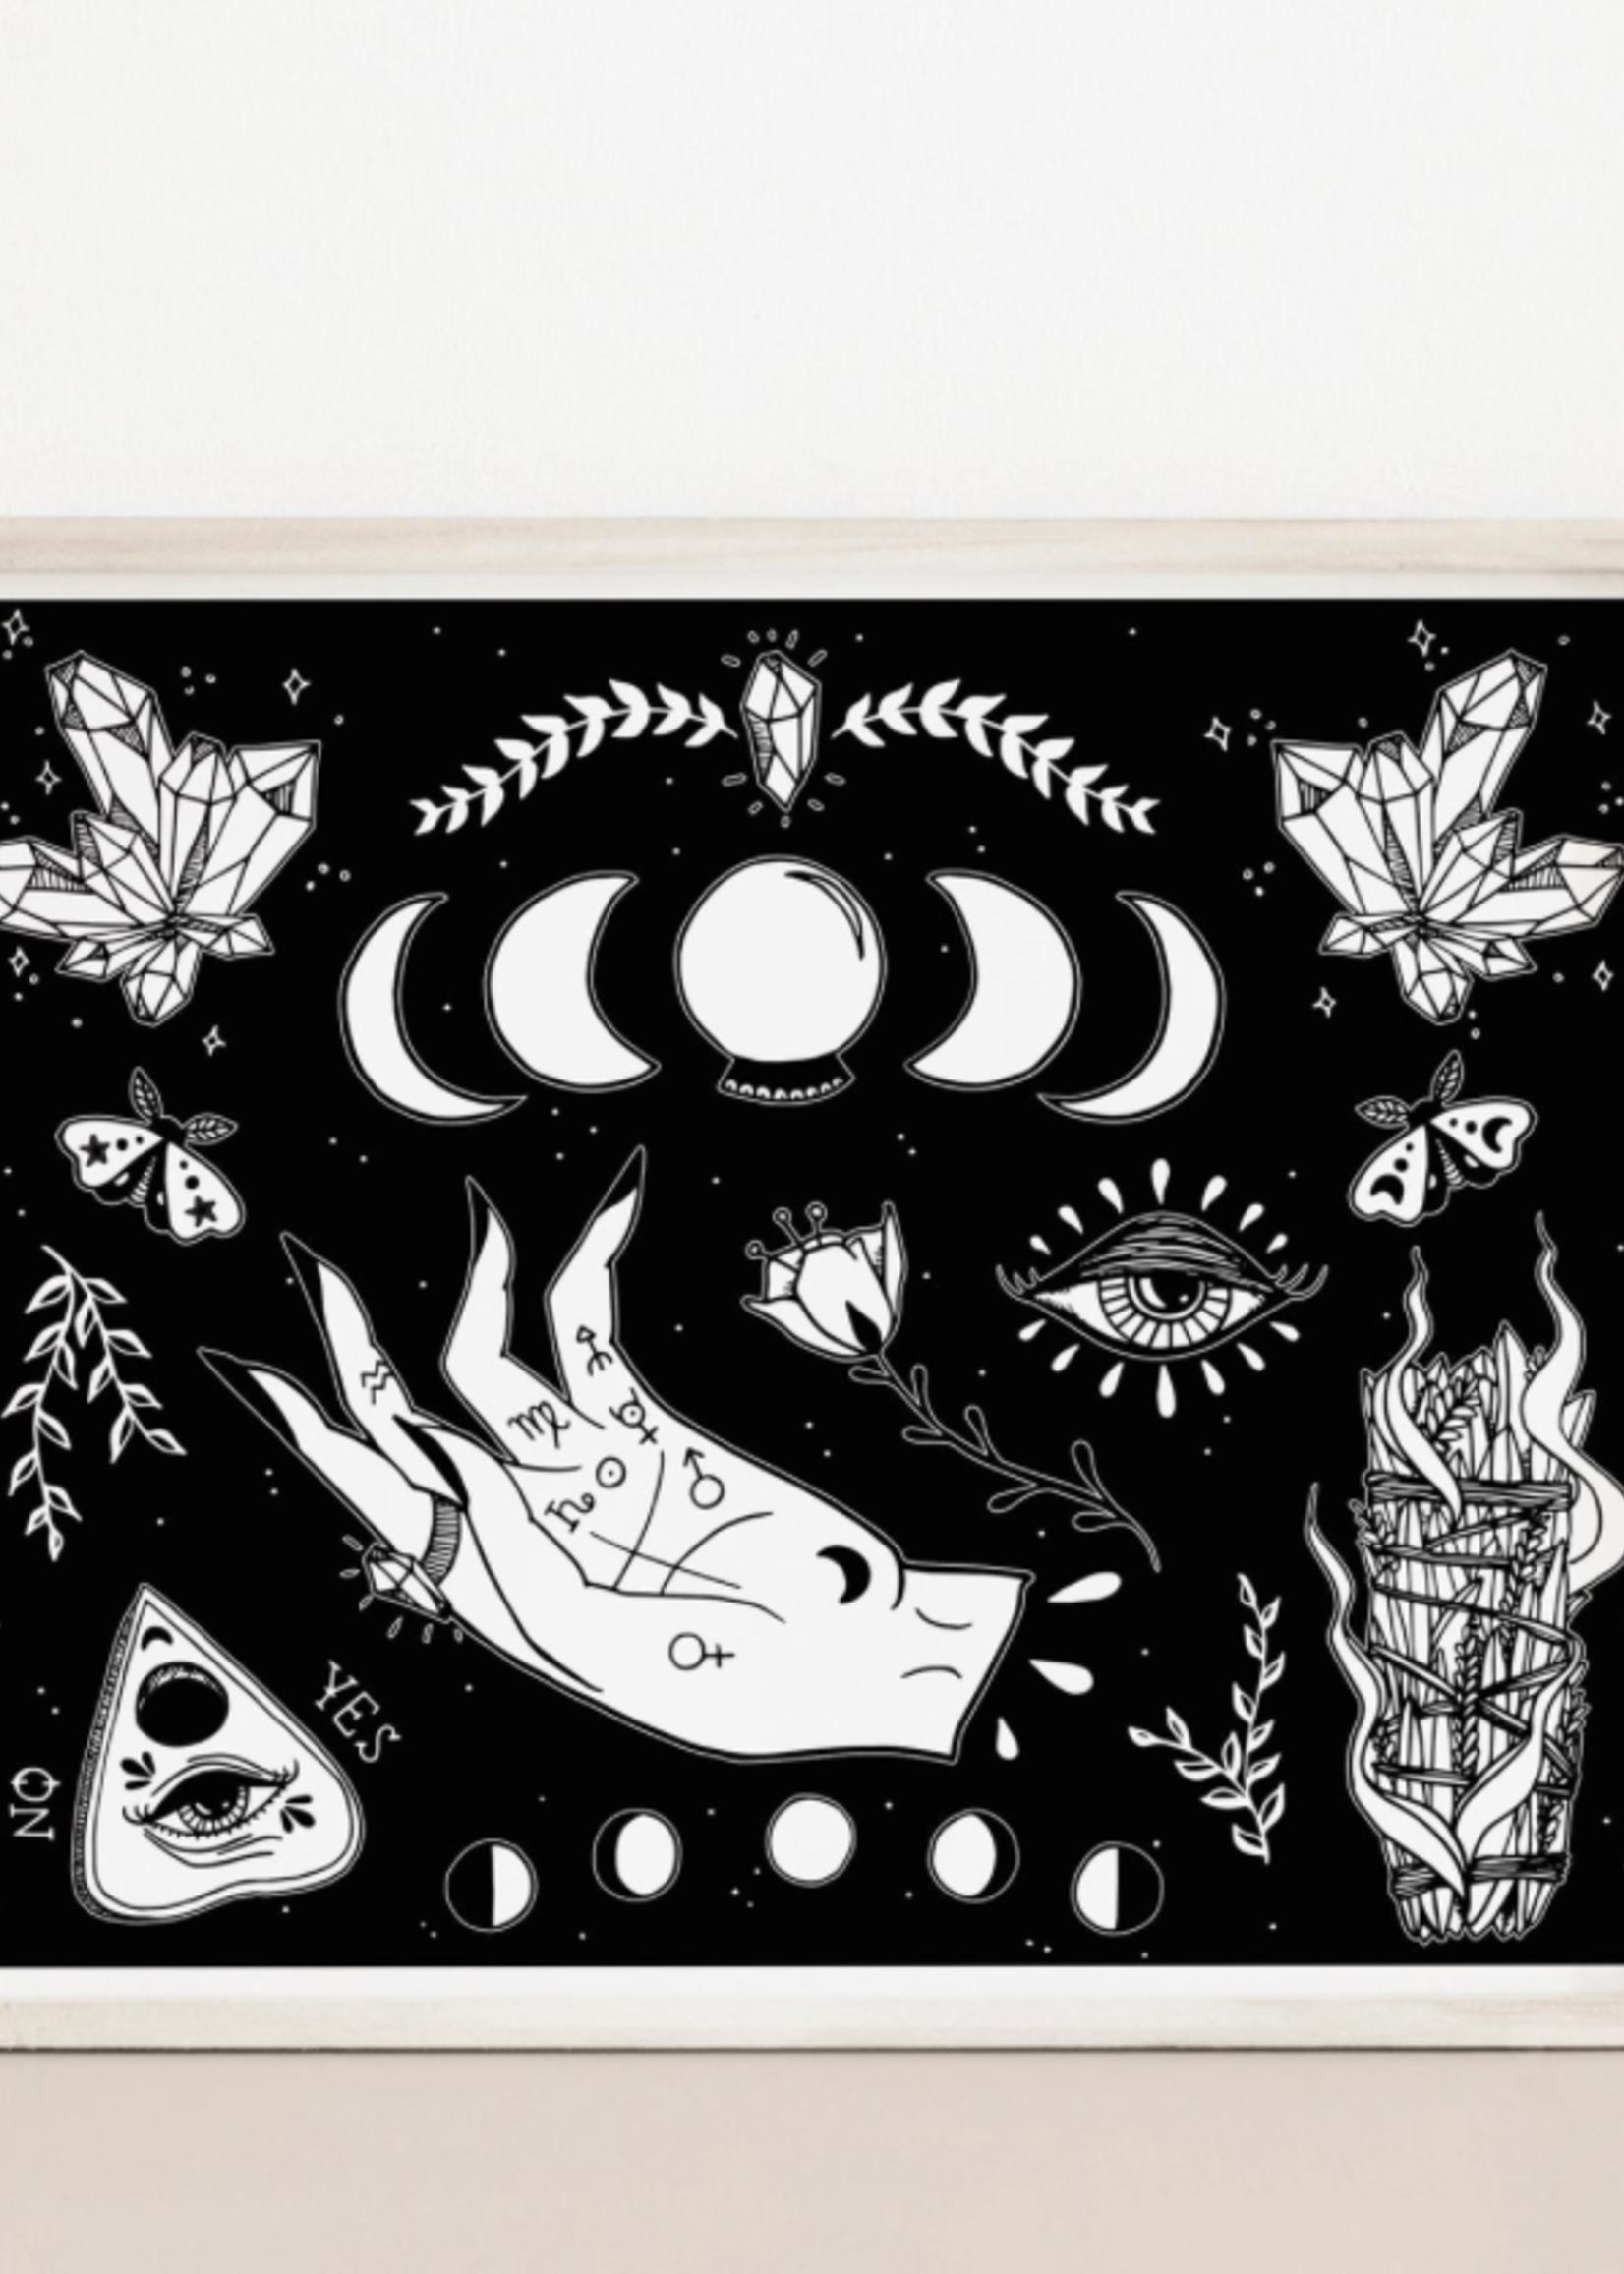 MELINA/KIMBERLEY BC MELINA WITCHY VIBES ART PRINT